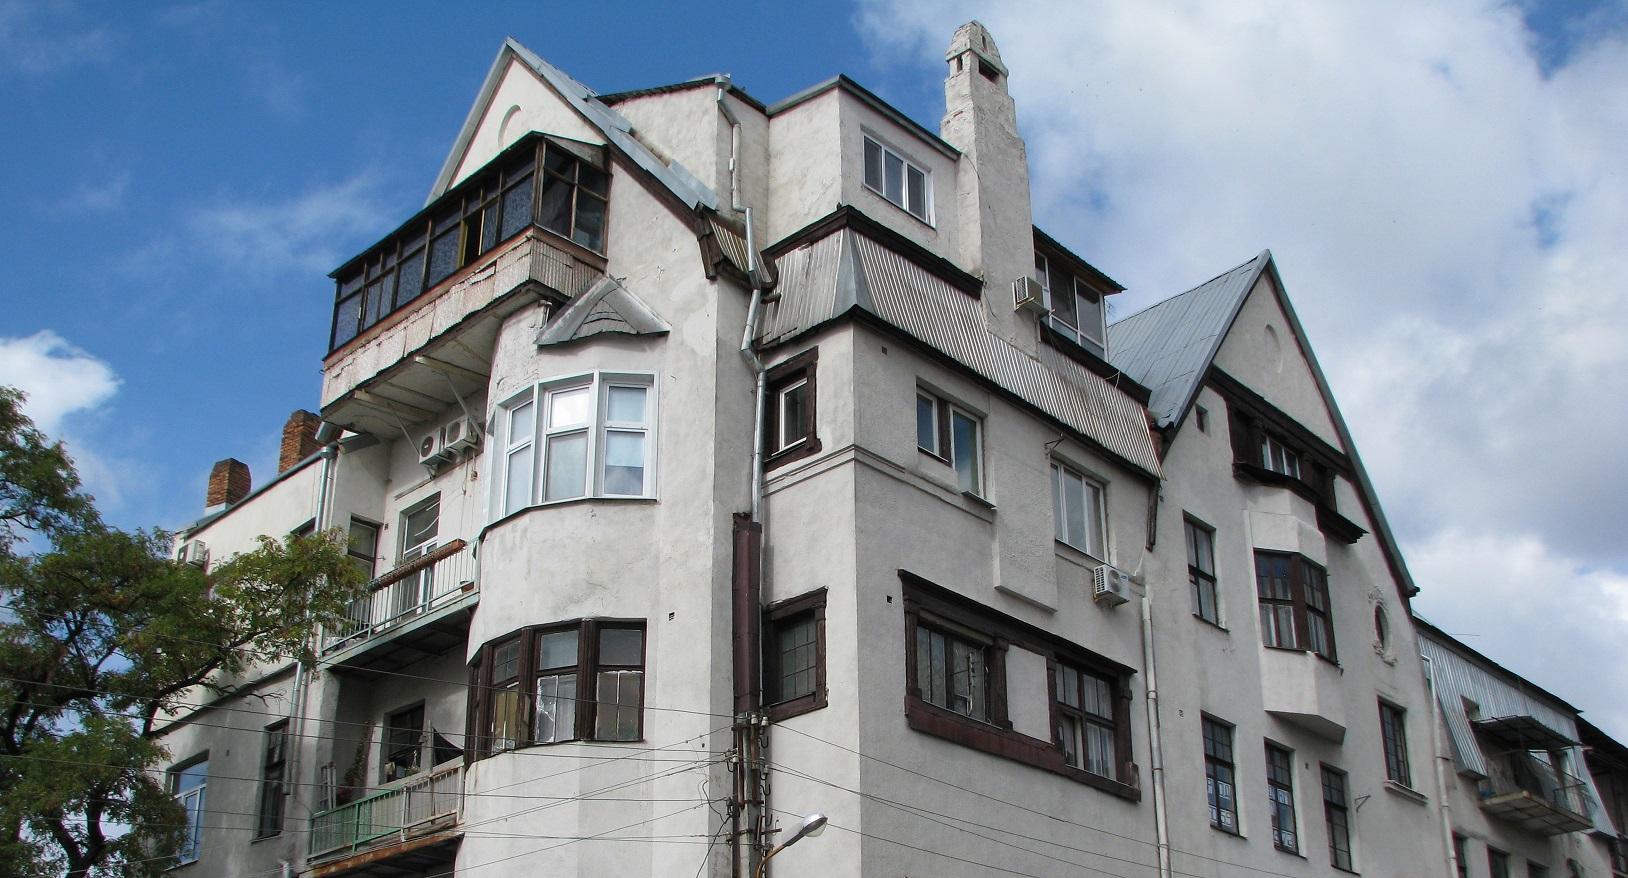 Преимущества квартиры в дореволюционном доме